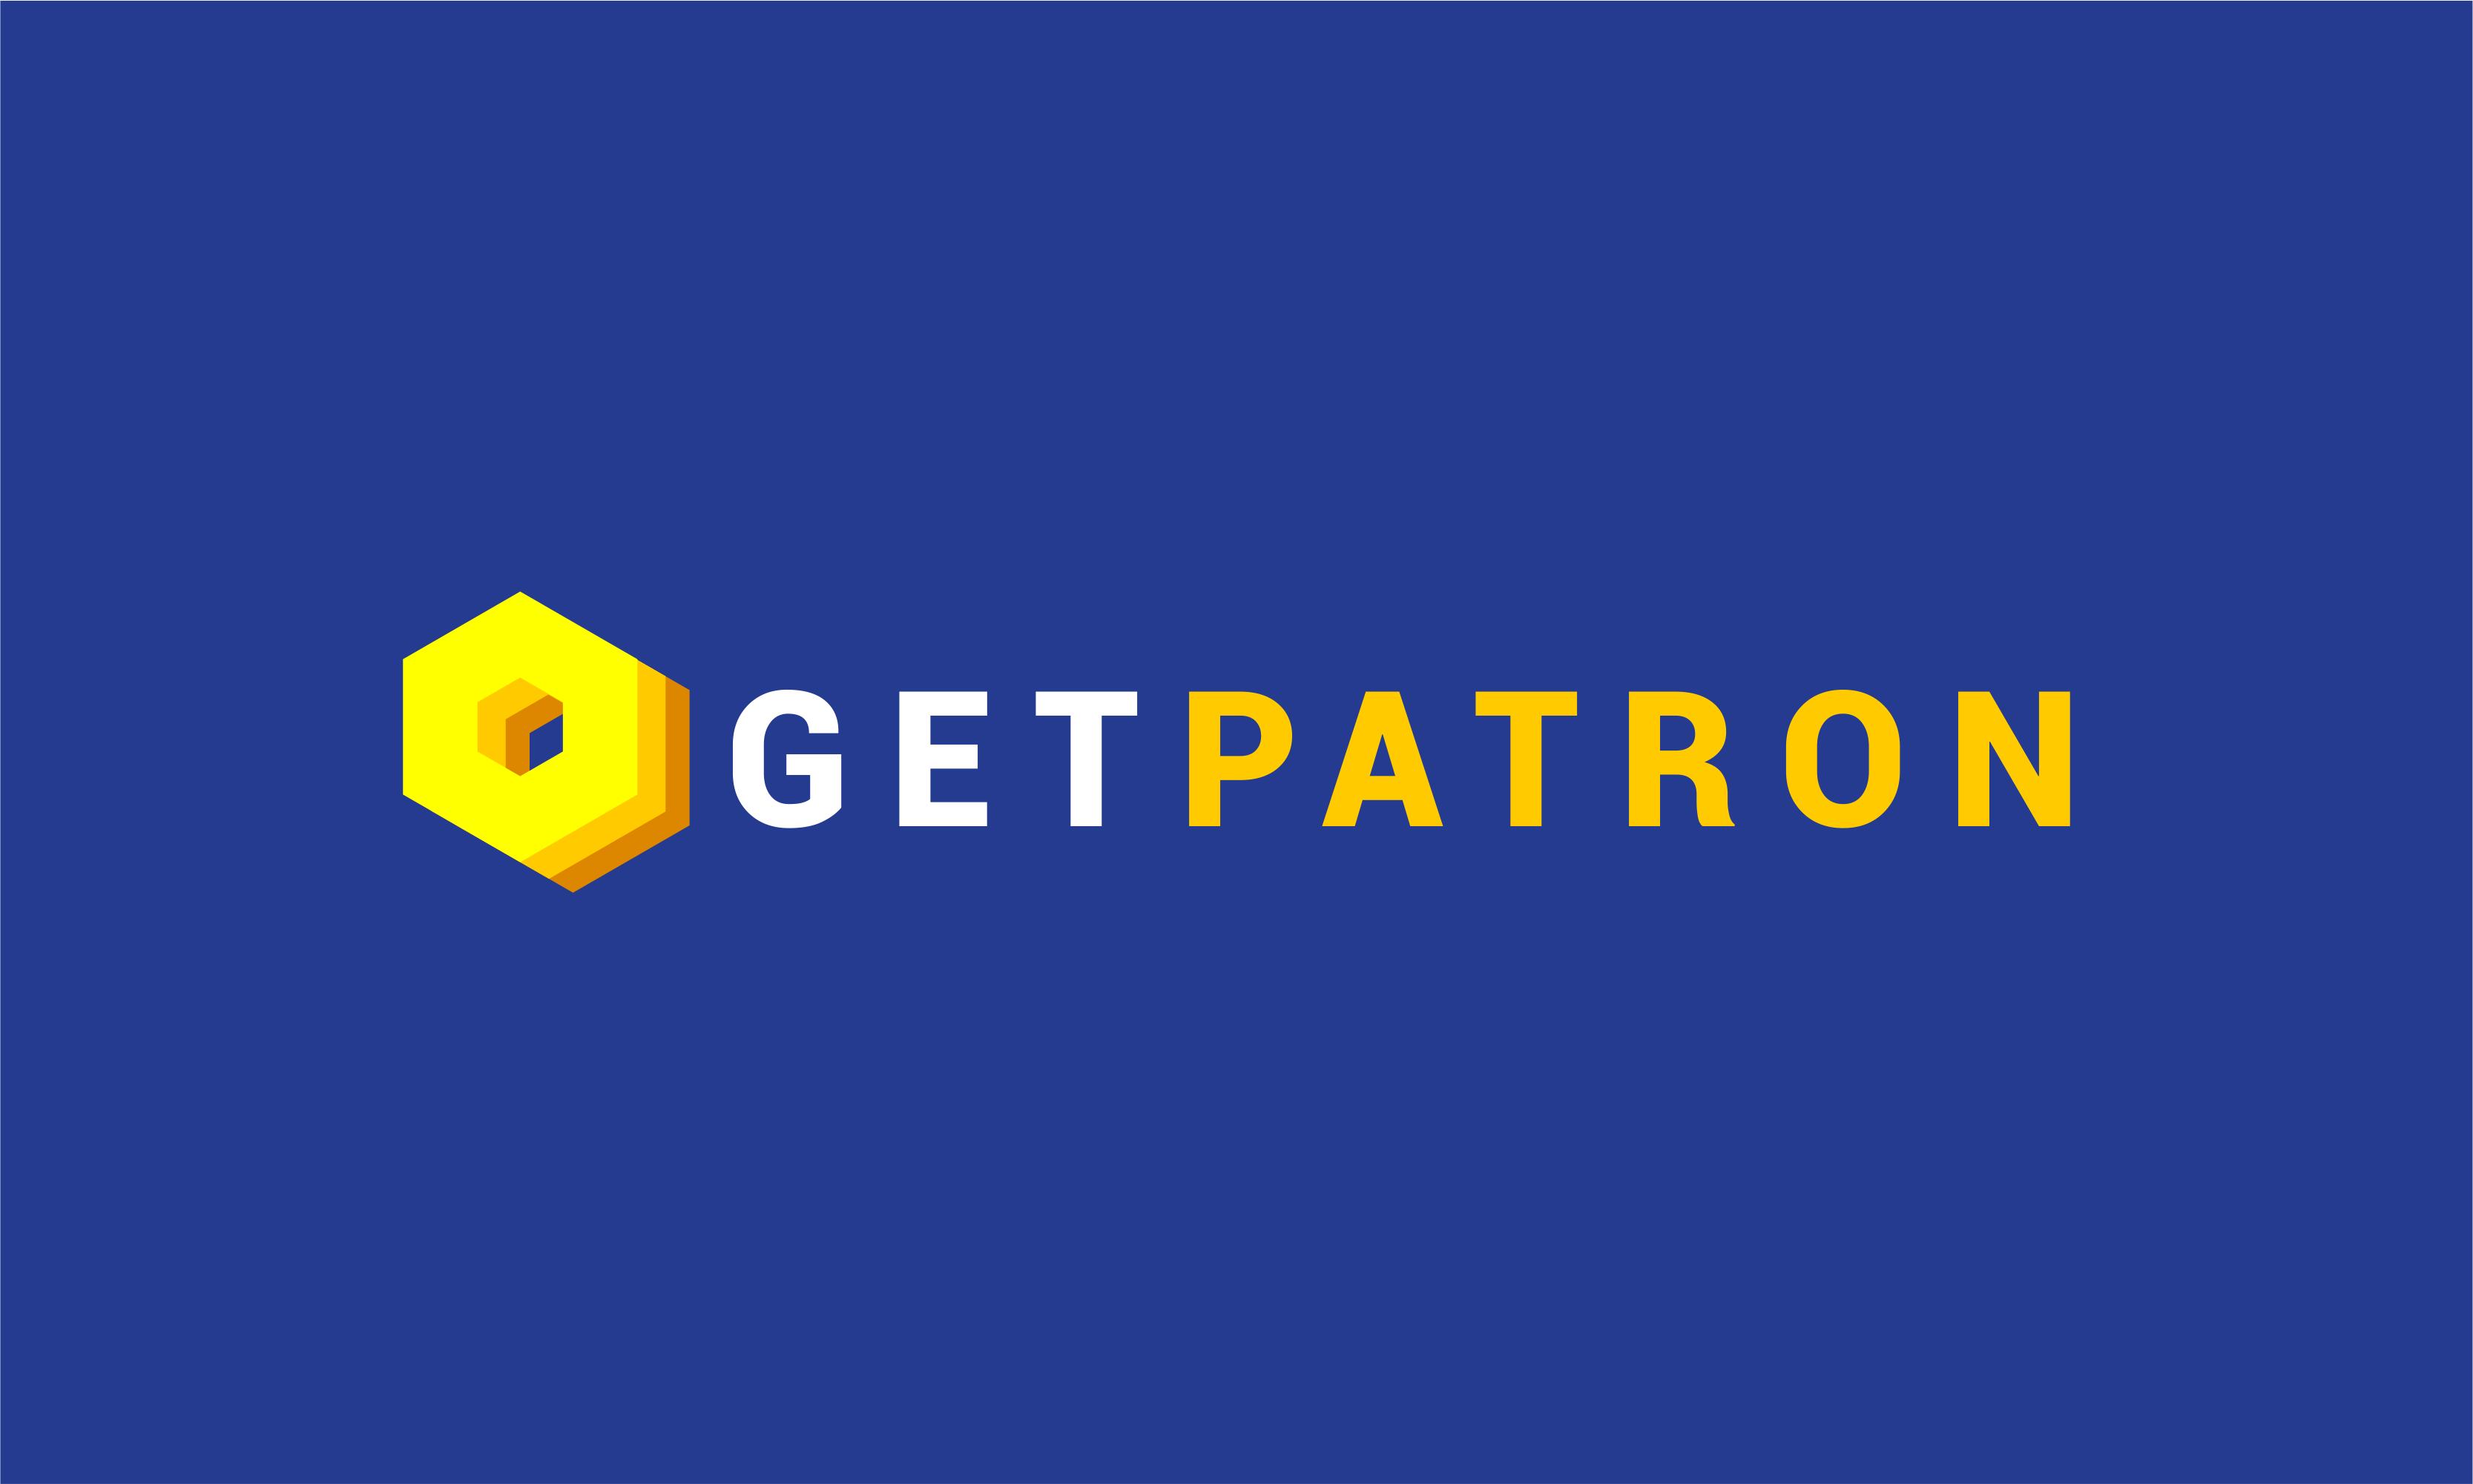 Getpatron